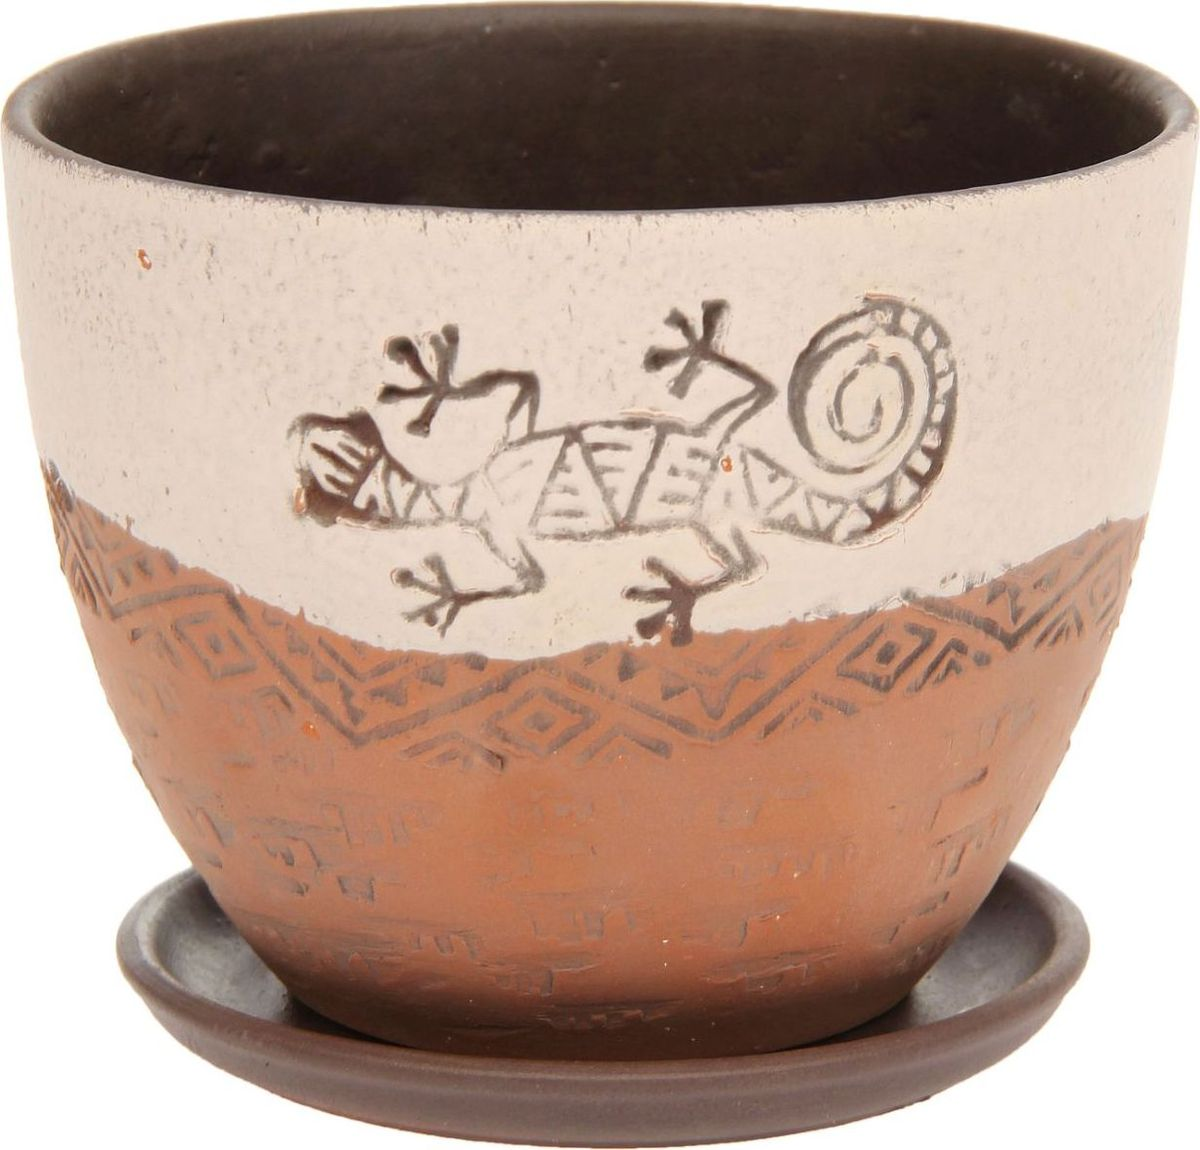 Кашпо Саламандра, 1,1 л1138694Комнатные растения — всеобщие любимцы. Они радуют глаз, насыщают помещение кислородом и украшают пространство. Каждому из них необходим свой удобный и красивый дом. Кашпо из керамики прекрасно подходят для высадки растений: за счёт пластичности глины и разных способов обработки существует великое множество форм и дизайновпористый материал позволяет испаряться лишней влагевоздух, необходимый для дыхания корней, проникает сквозь керамические стенки! #name# позаботится о зелёном питомце, освежит интерьер и подчеркнёт его стиль.